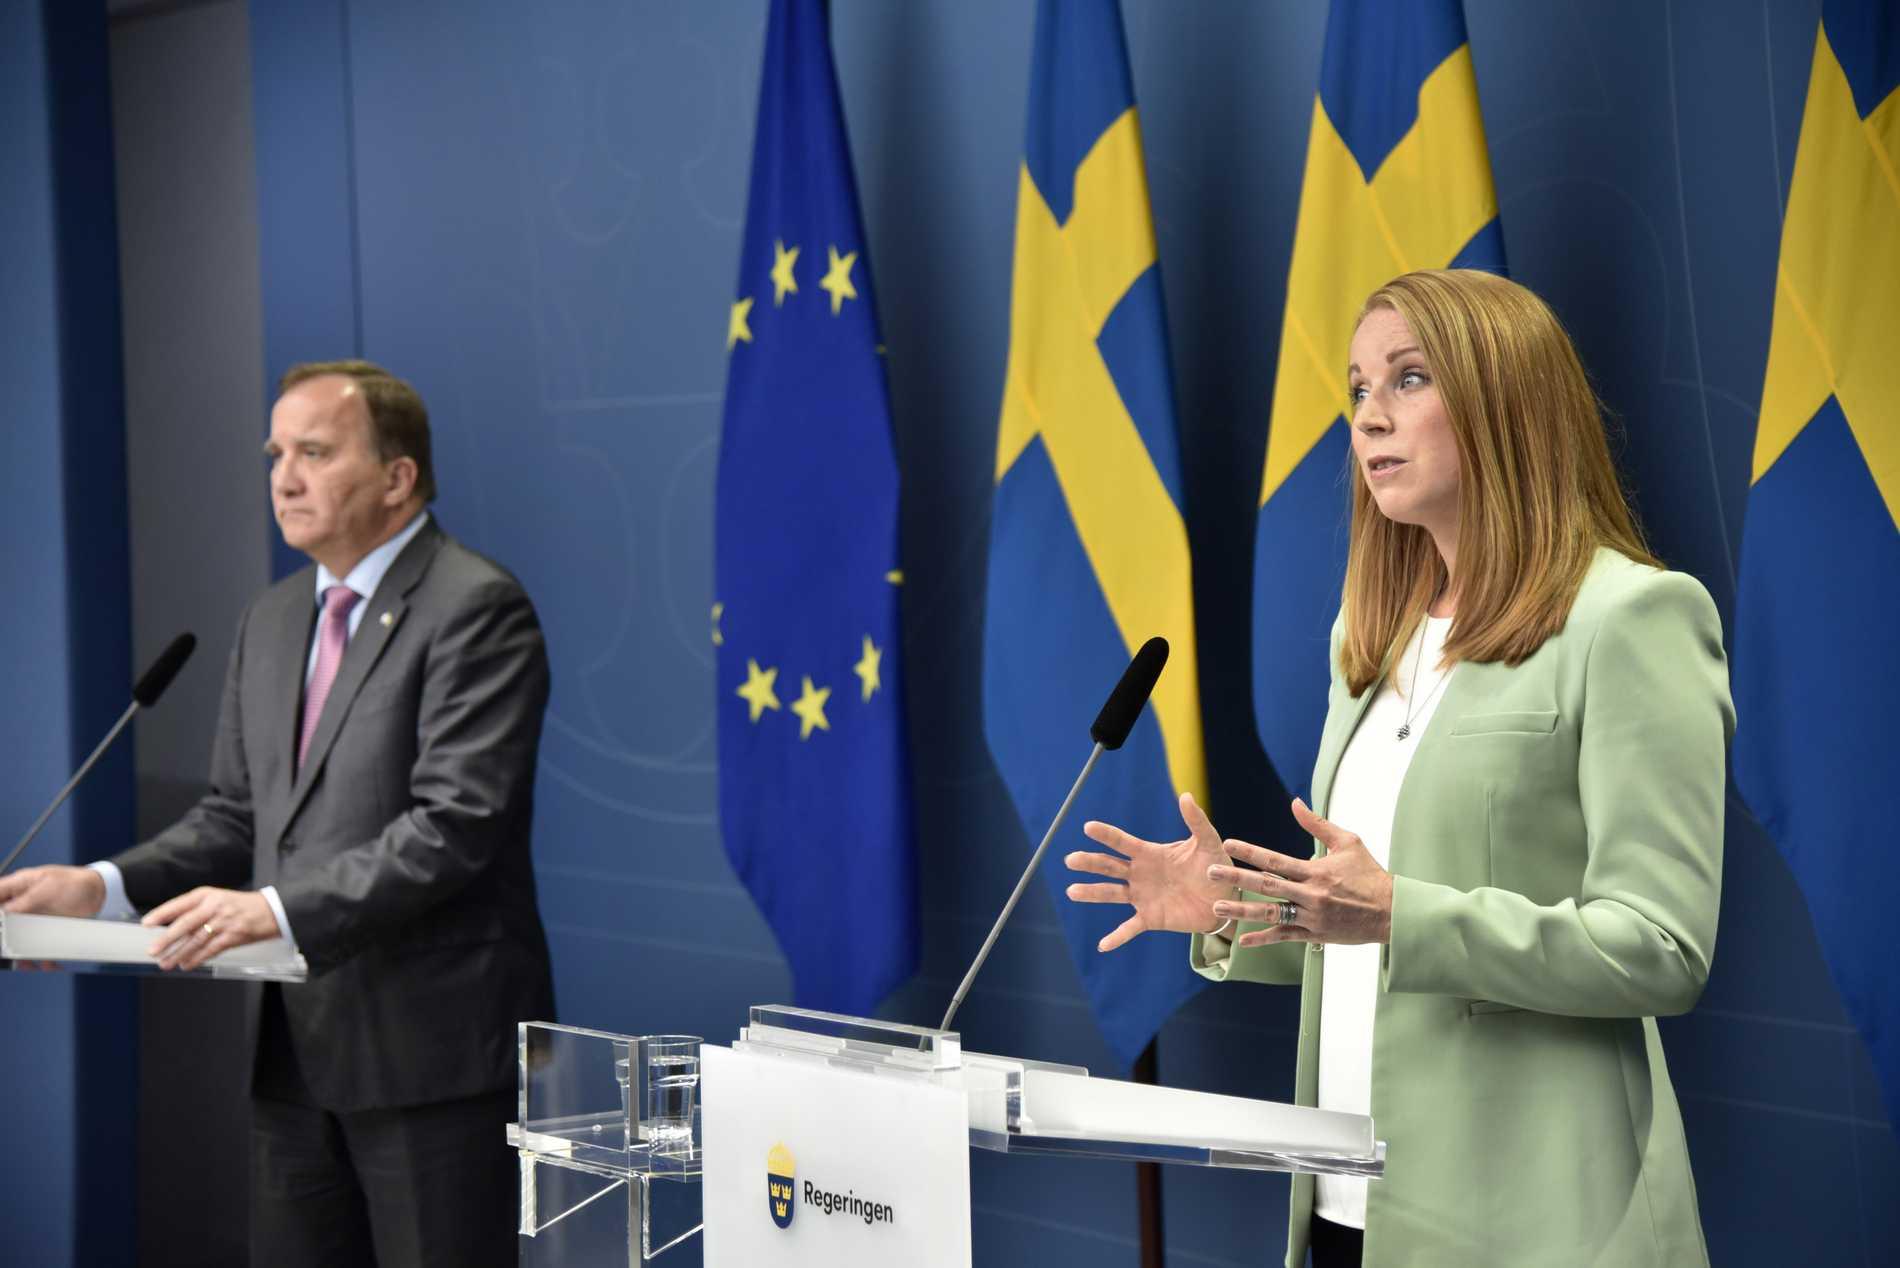 Statsminister Stefan Löfven (S) med Centerpartiets partiledare Annie Lööf på en blixtinkallad presskonferens på söndagen.